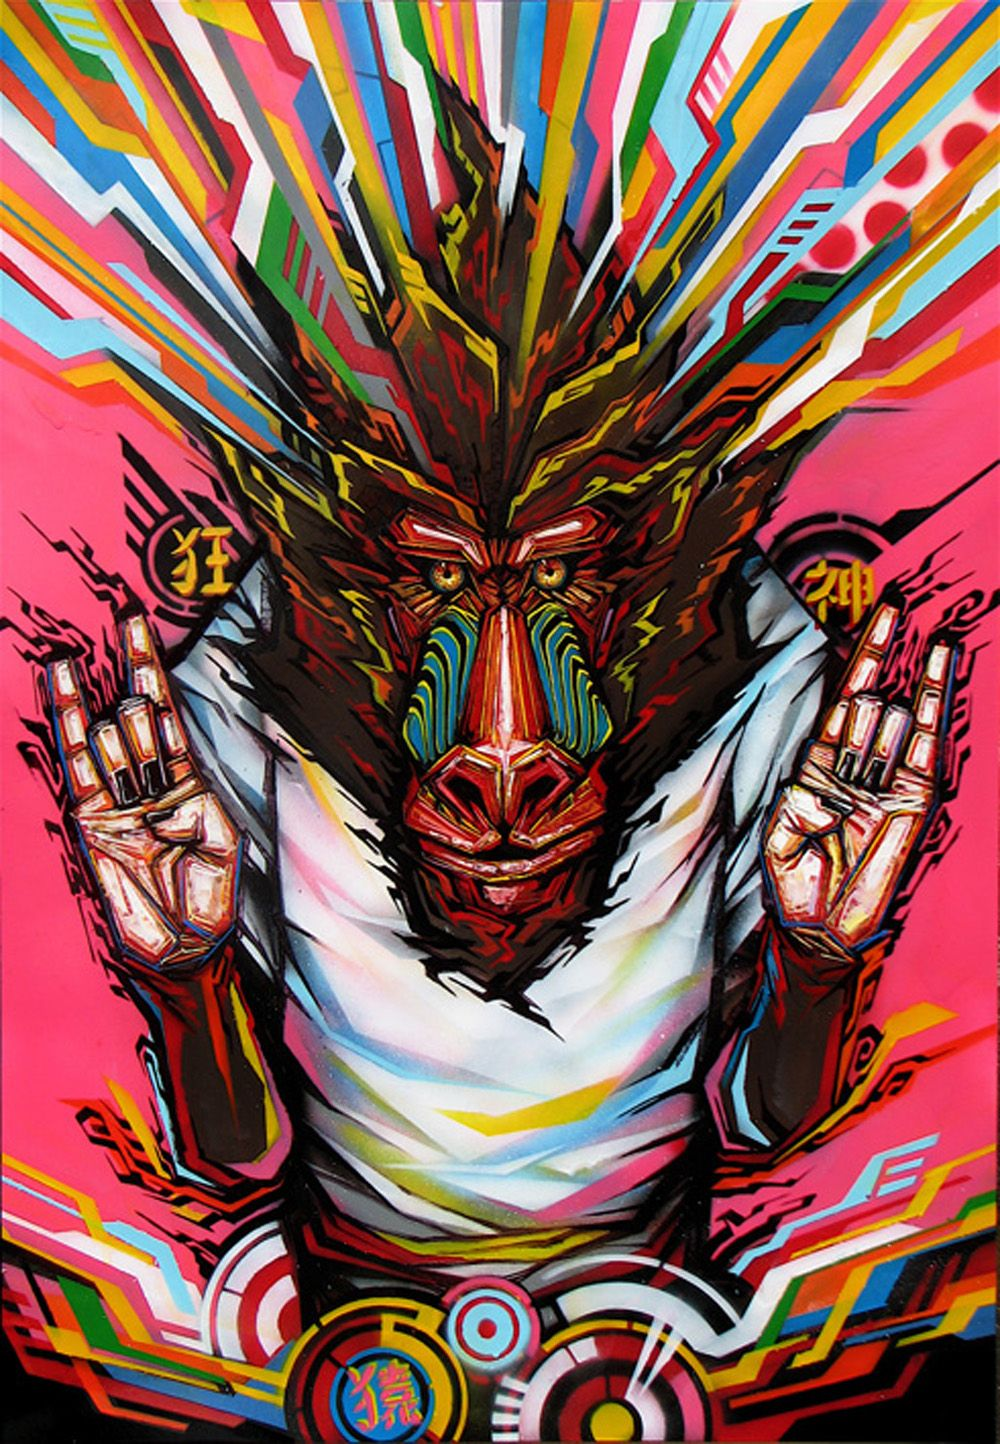 Kenta Torii. Hiroshima, Japón. 1983. Pintor autodidacta con 10 años de trayectoria. Reside en la Ciudad de México desde hace cuatro años. Ha presentado su trabajo en diversas galerías, espacios púb…